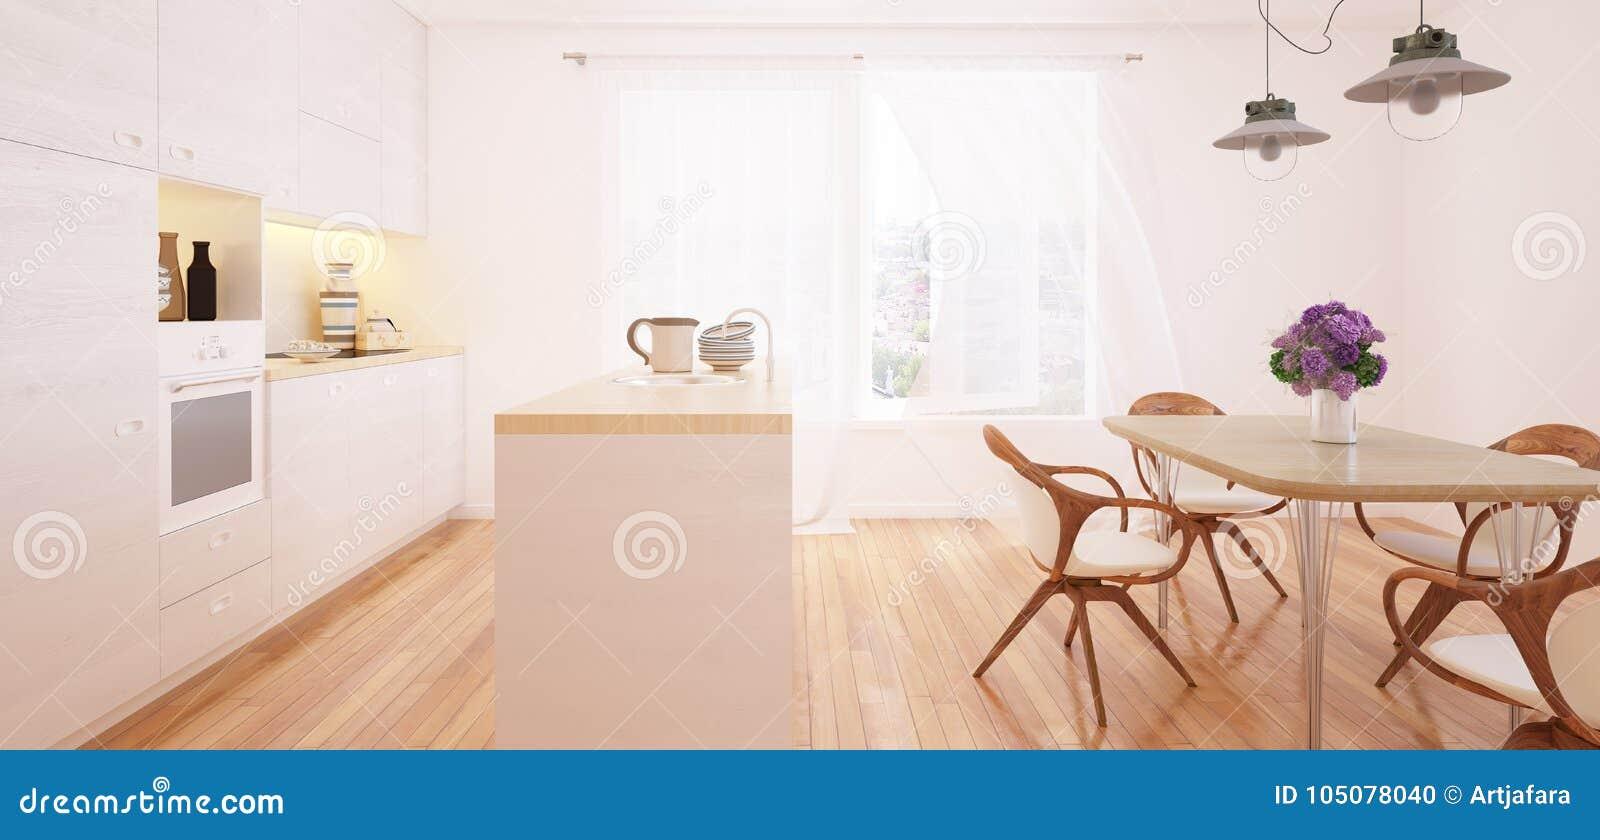 Interior moderno da cozinha e da sala de jantar